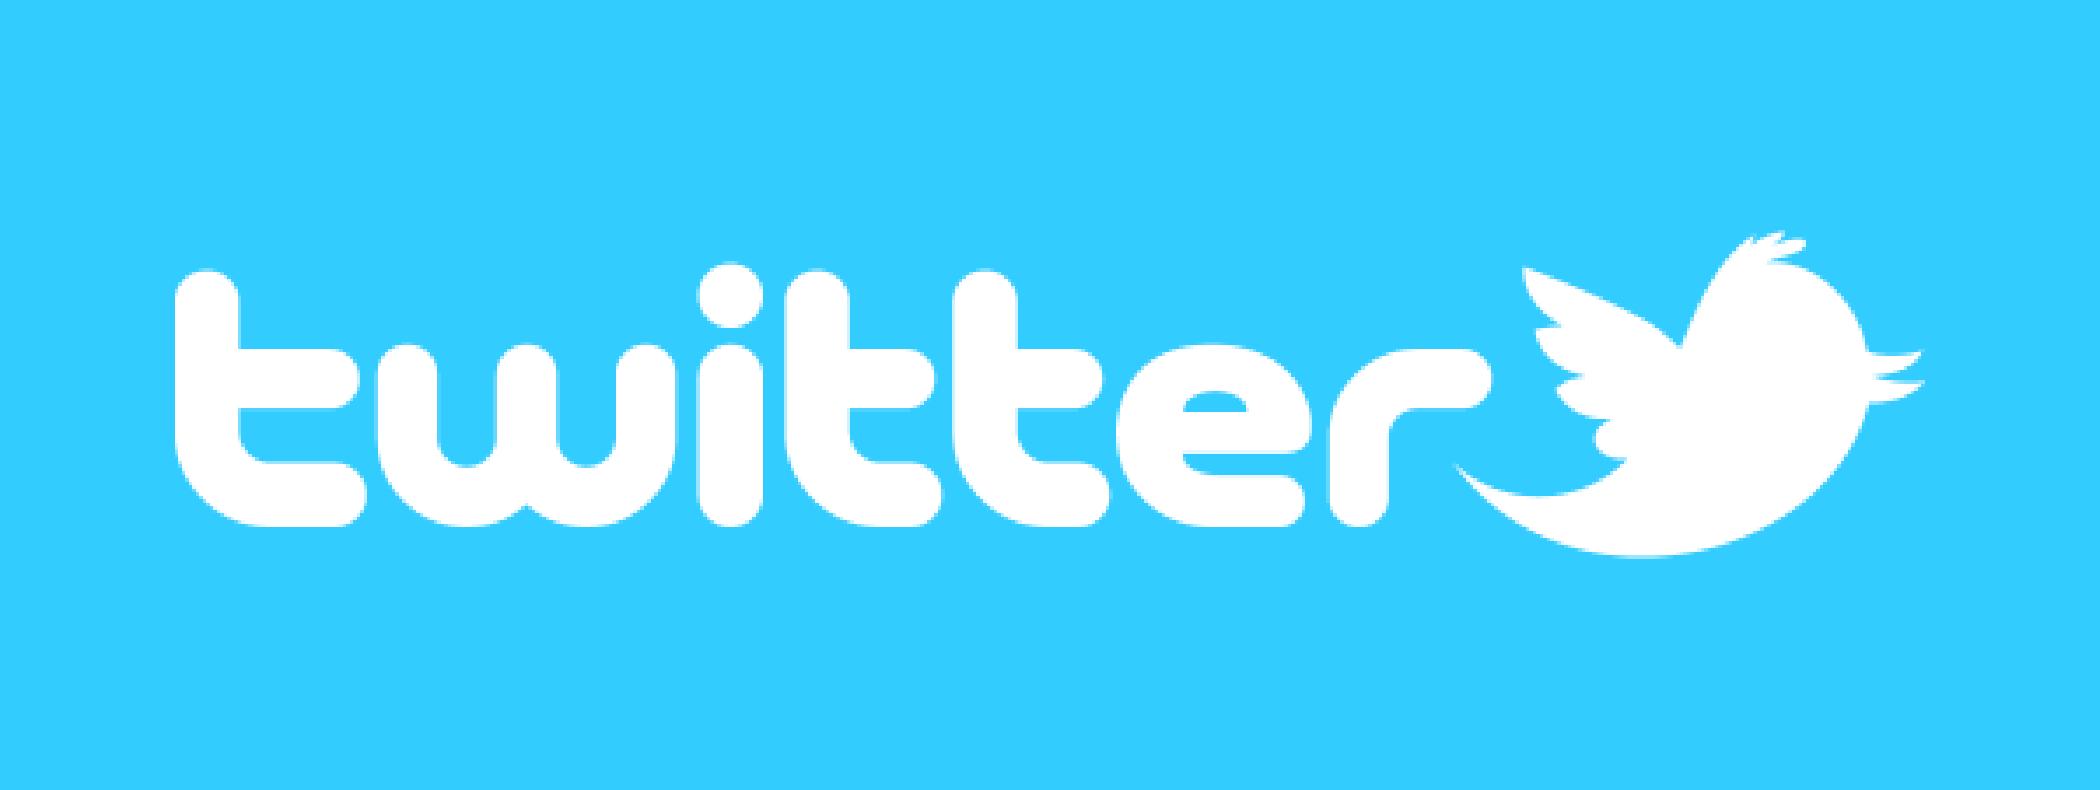 Devriez-vous Twitter?